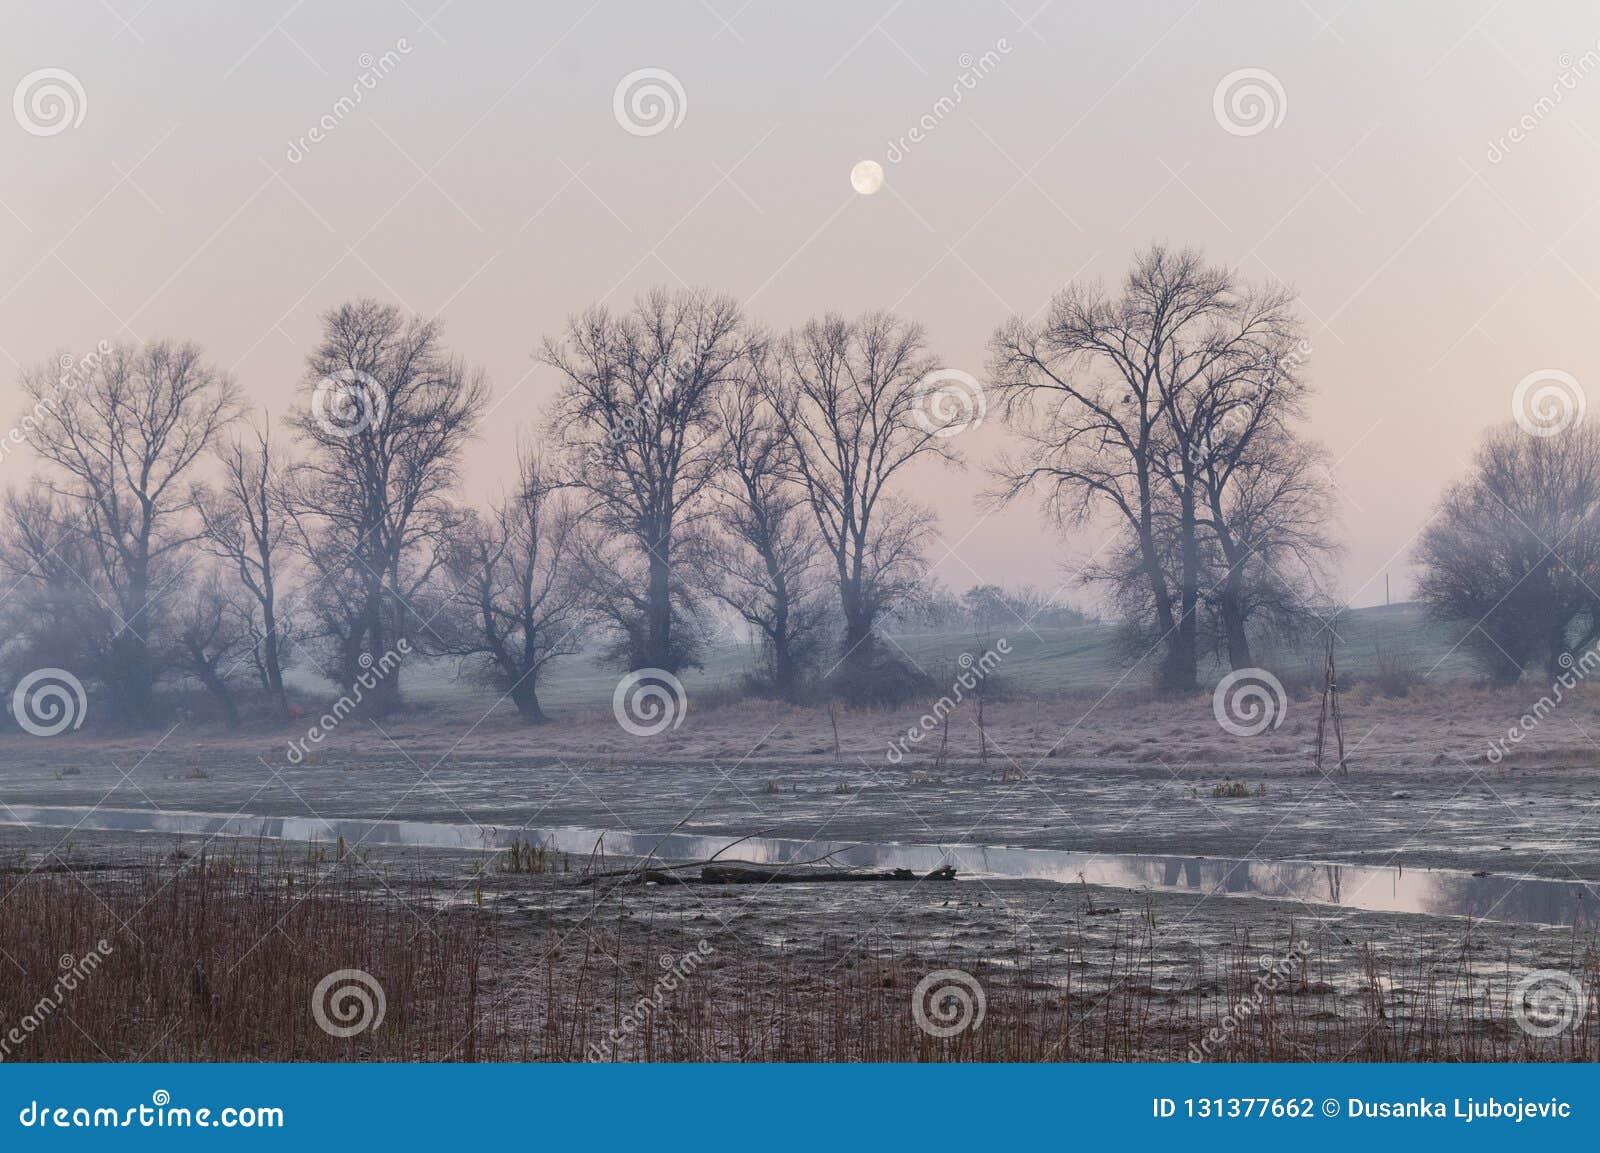 Morning in swamp